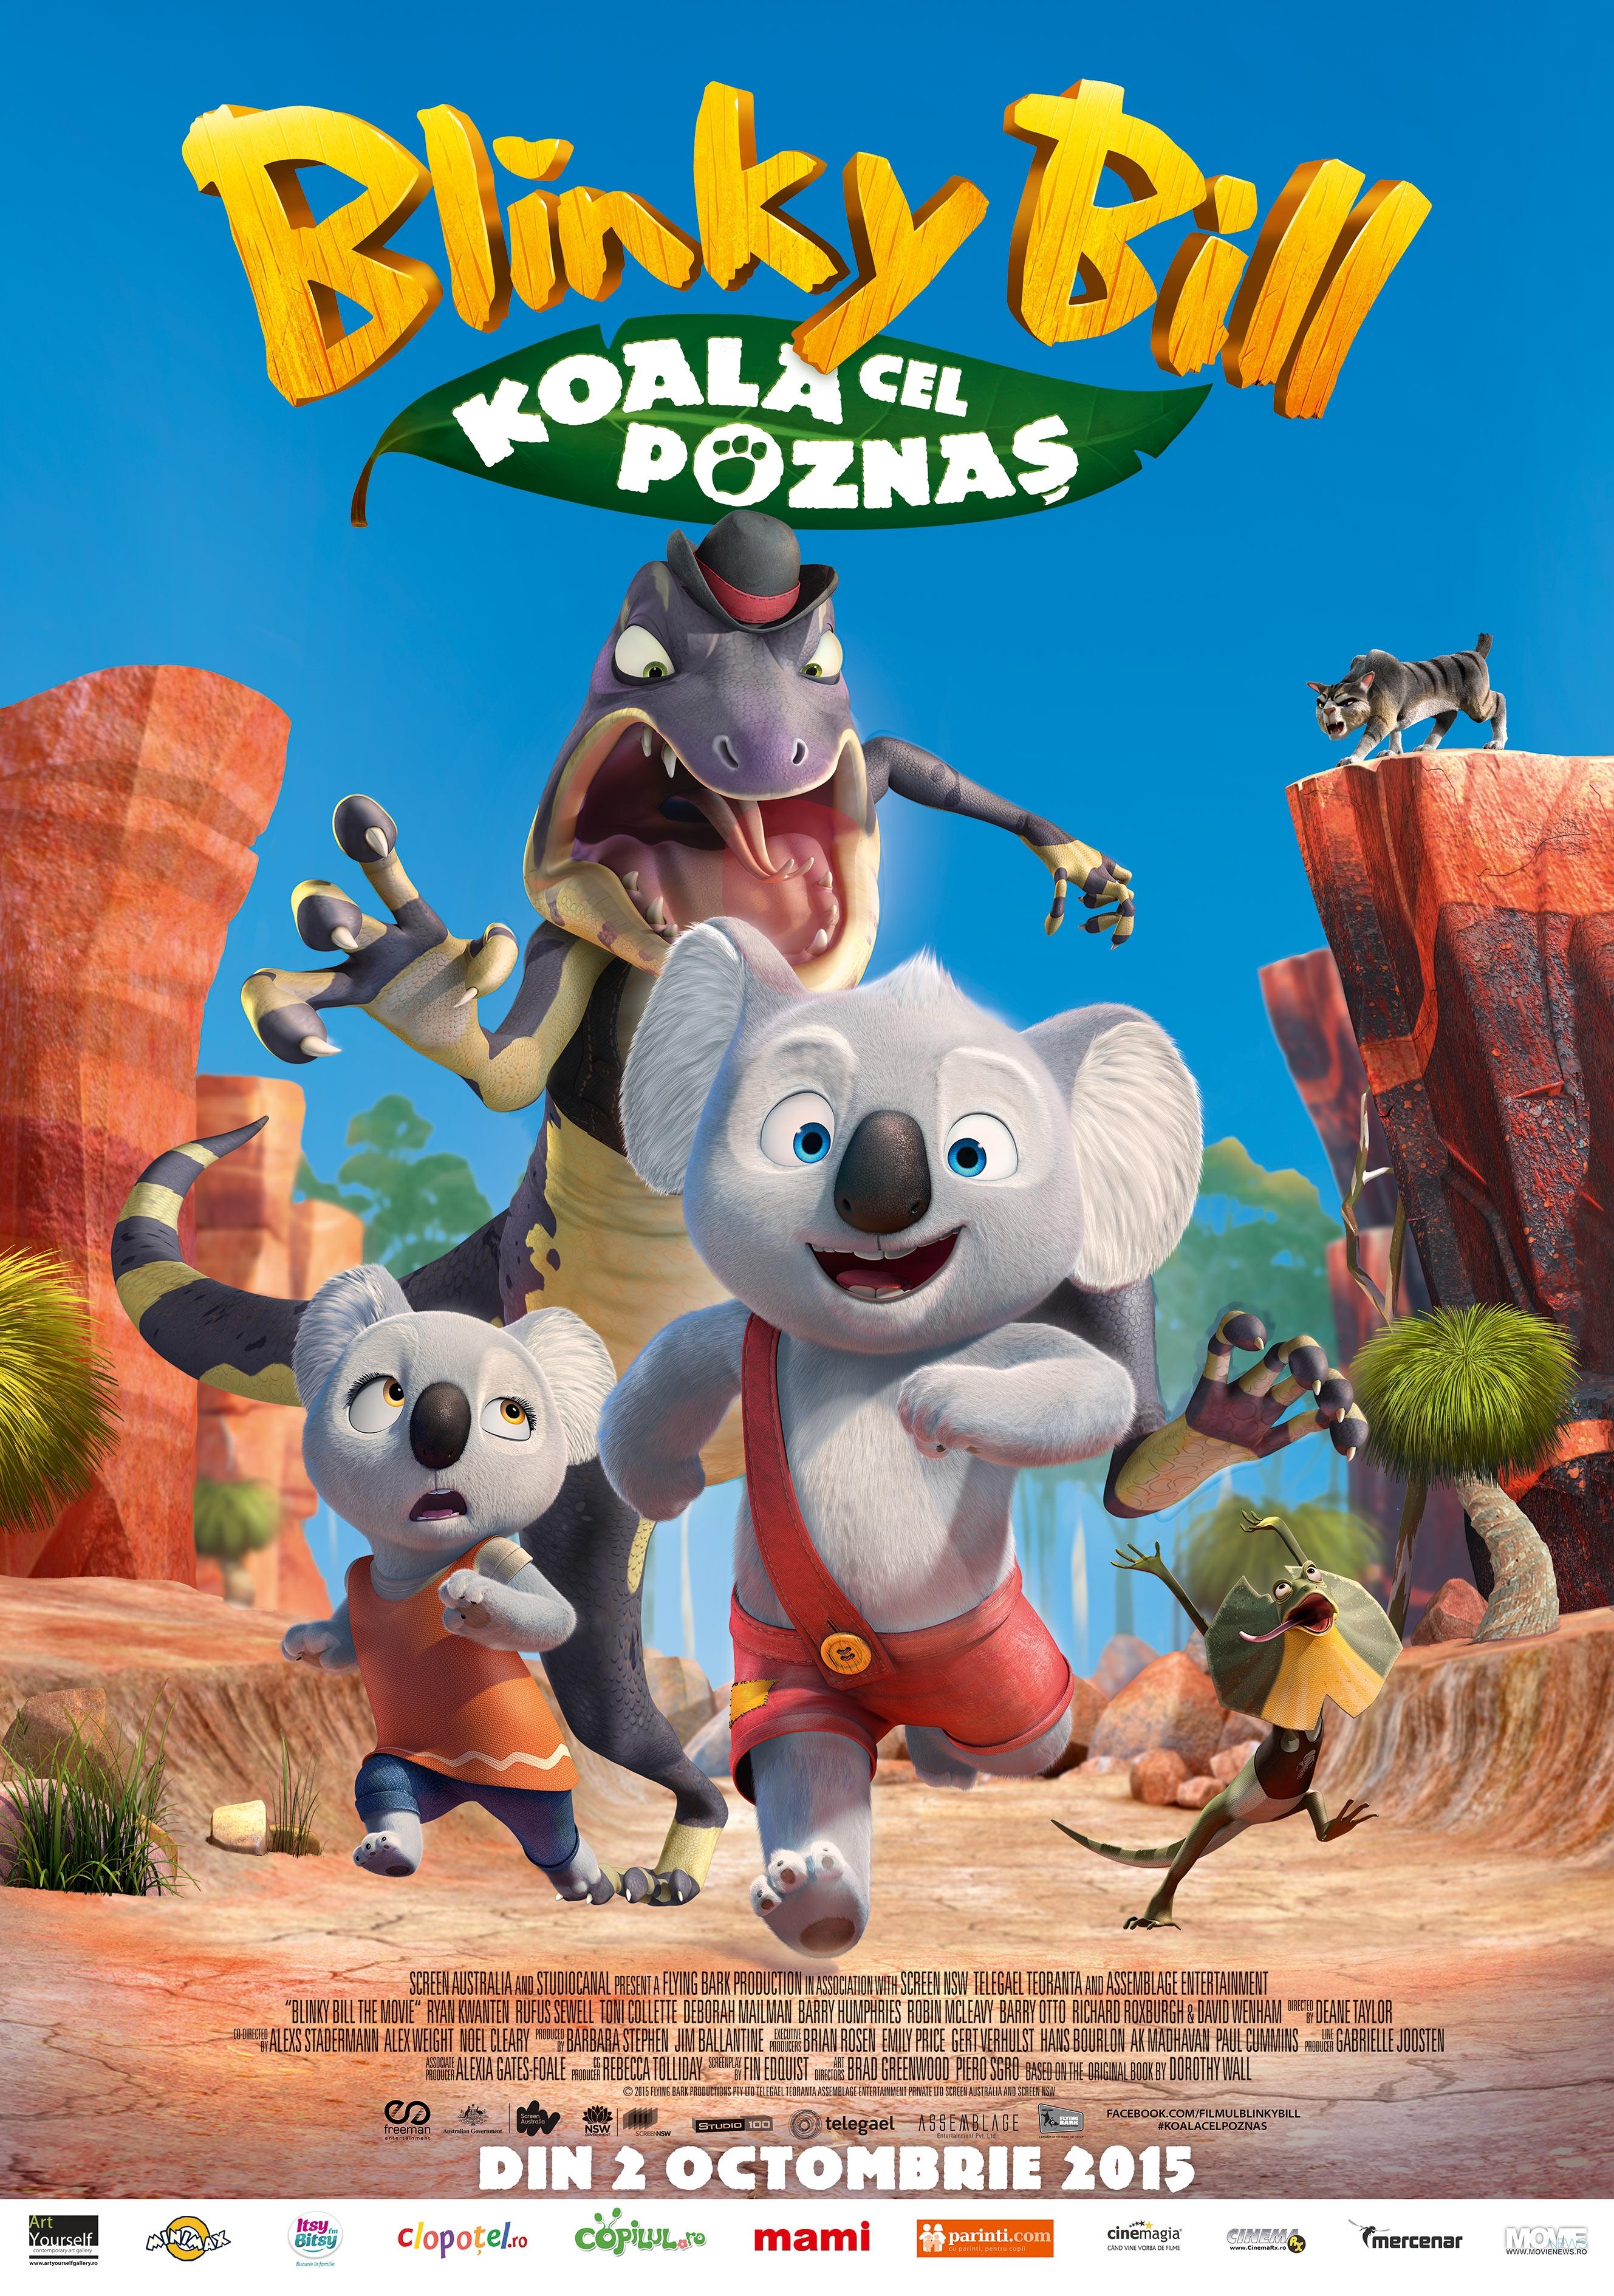 Blinky Bill: Koala cel poznas – 2D Dublat / Blinky Bill – 2D Dubbed (Premiera)